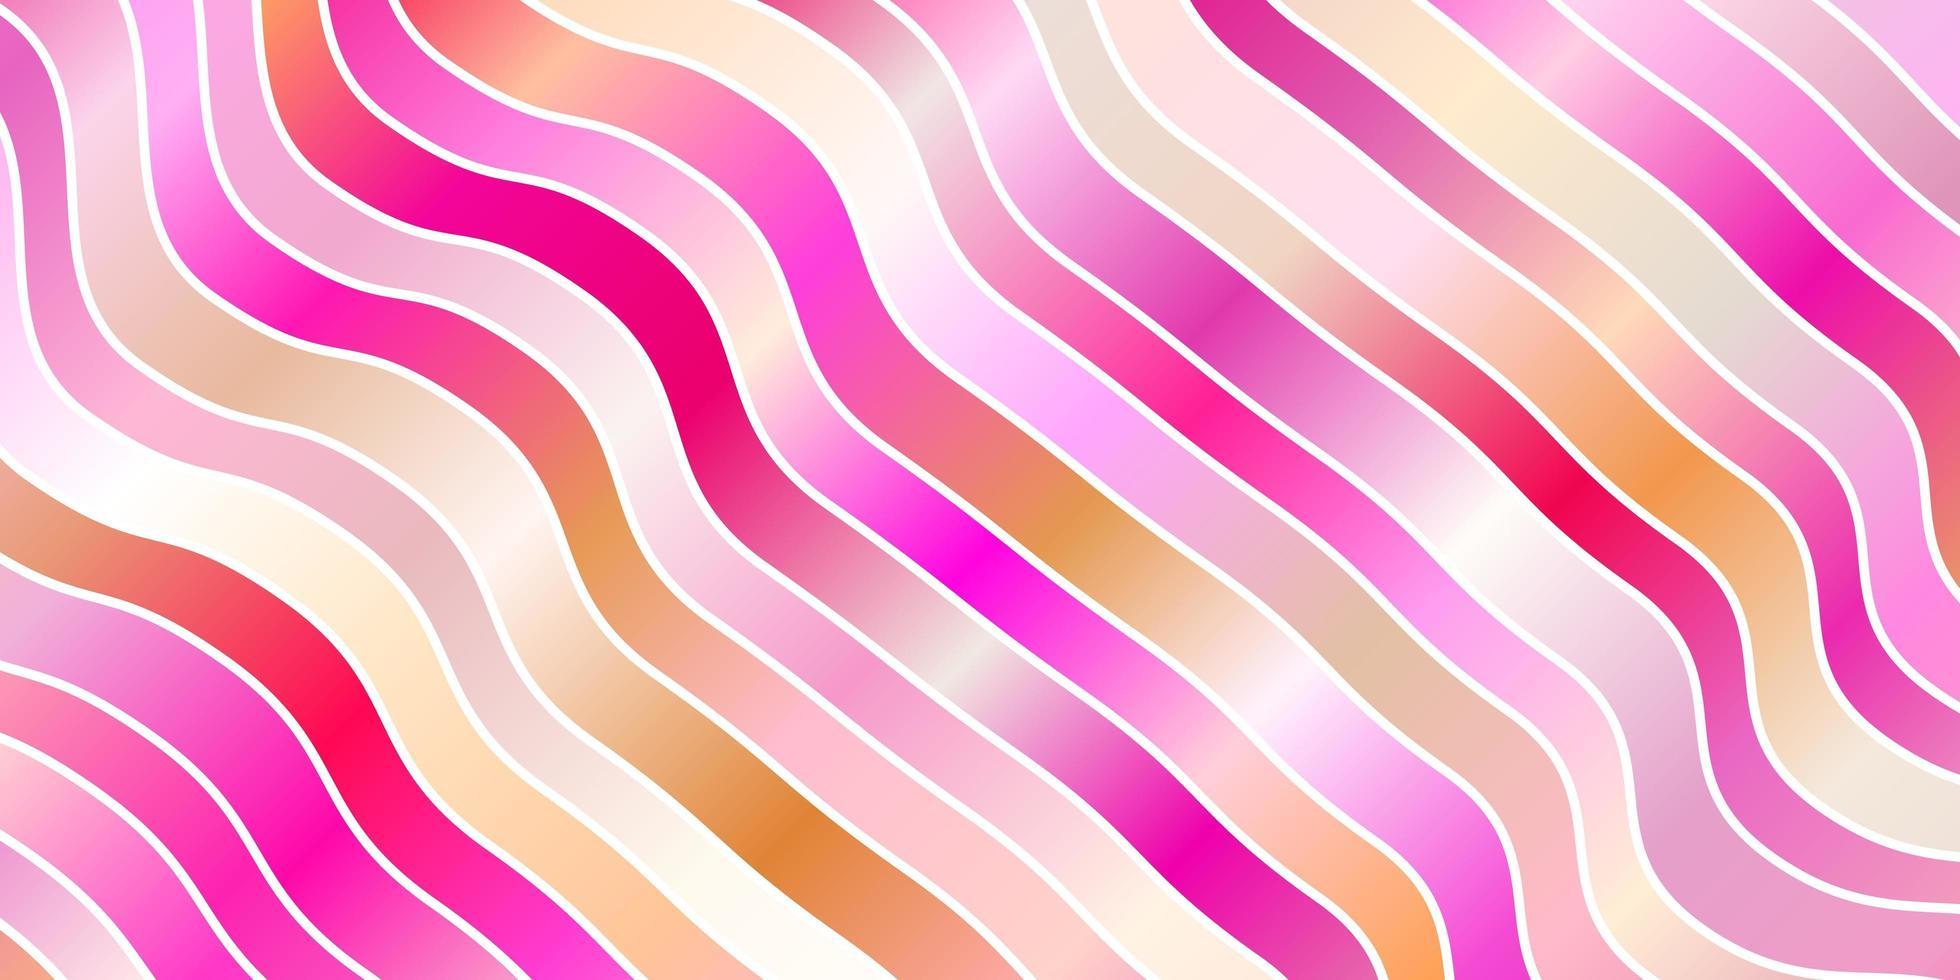 modelo rosa com linhas curvas. vetor